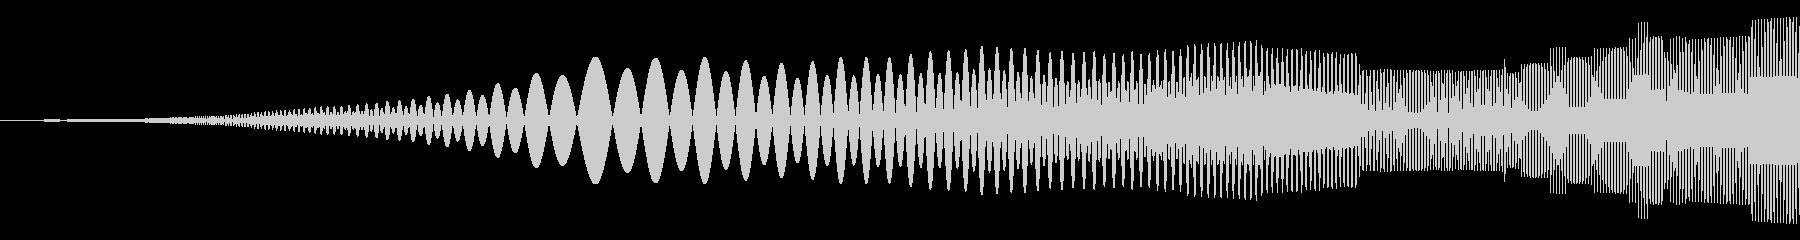 びゆぃー、ぎゆぃー みたいな音です。の未再生の波形